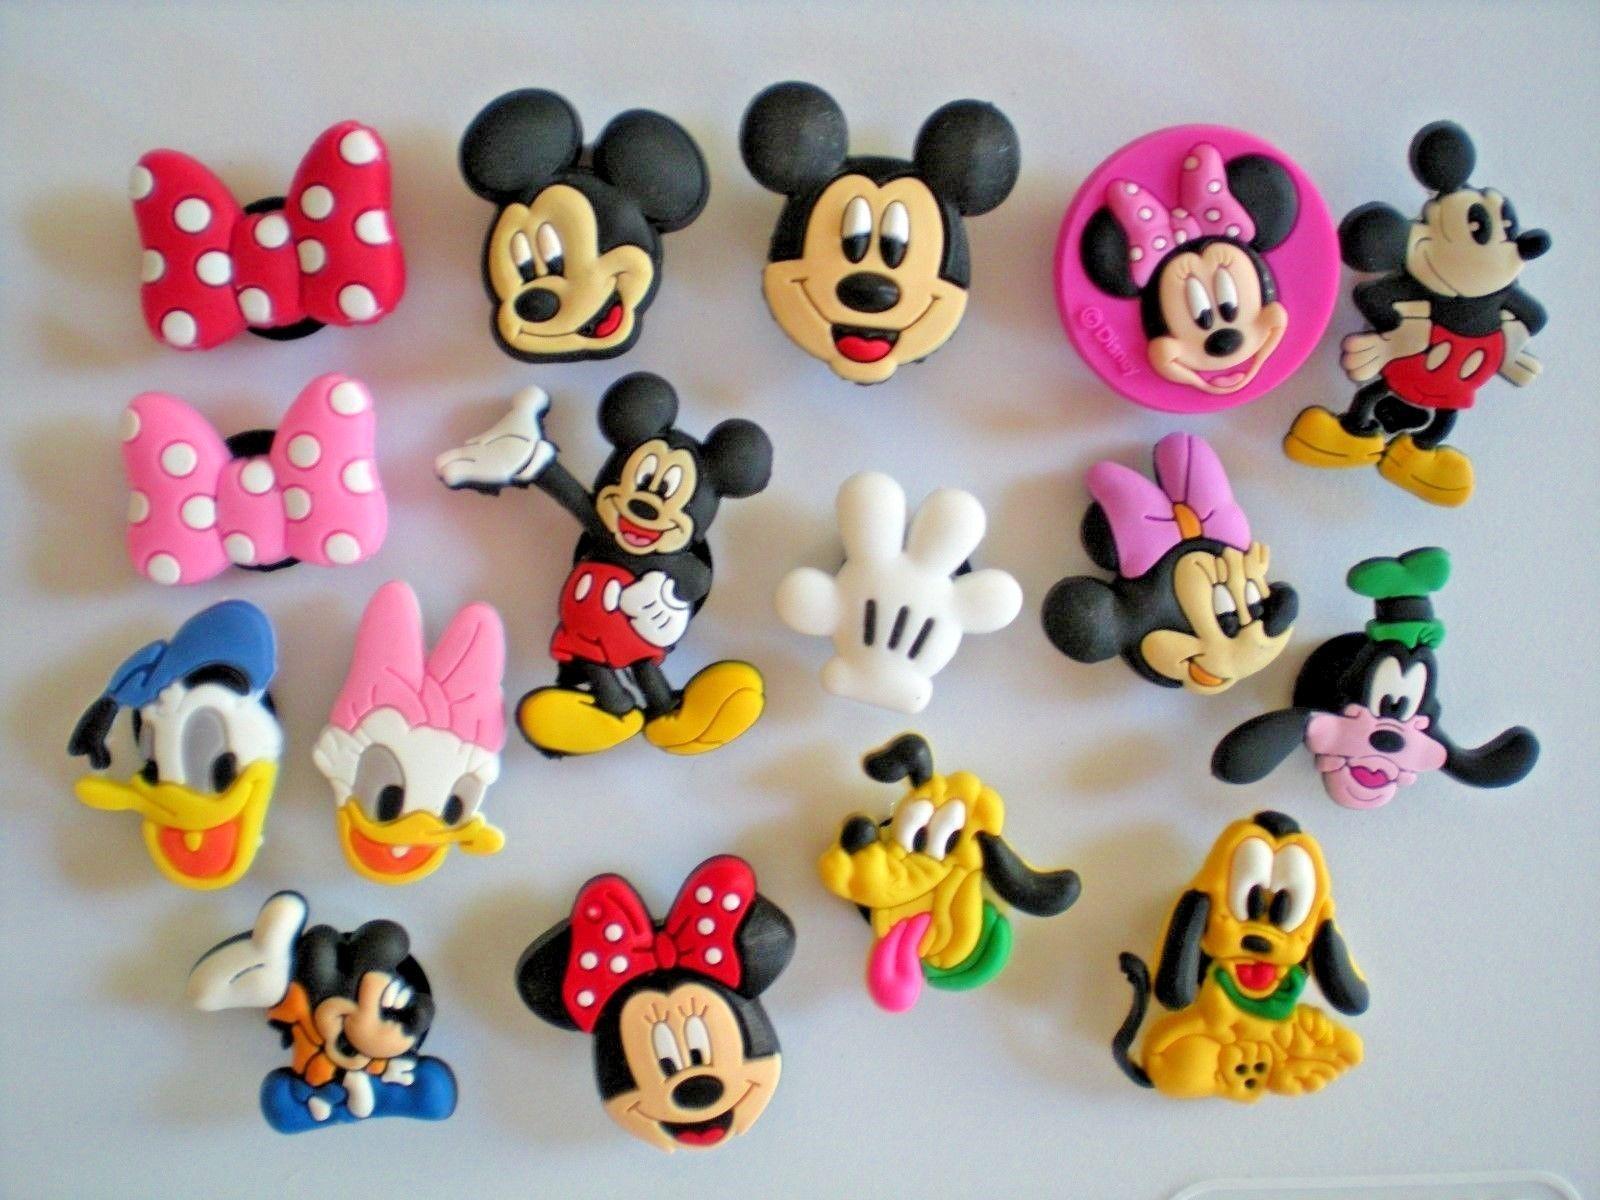 Jibbitz Clog Shoe Plug Button Charms Fit Bracelet Accessories 16 Pc Disney